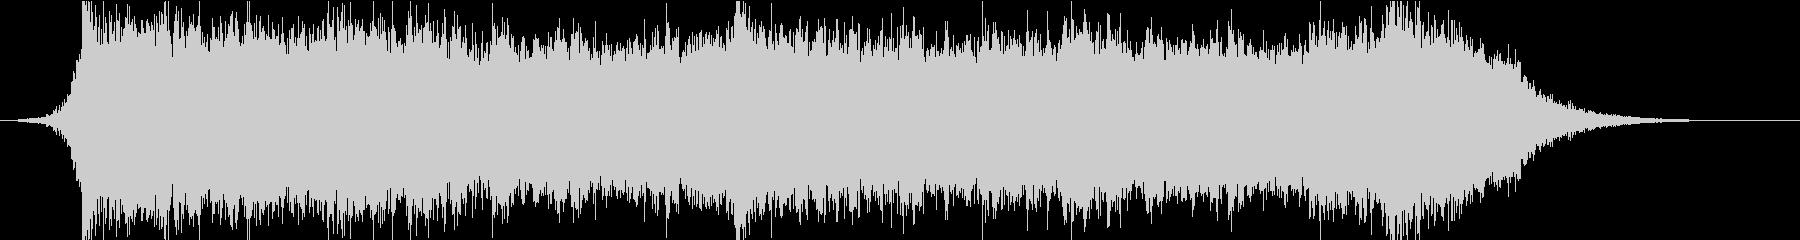 現代の交響曲 クラシック交響曲 前...の未再生の波形